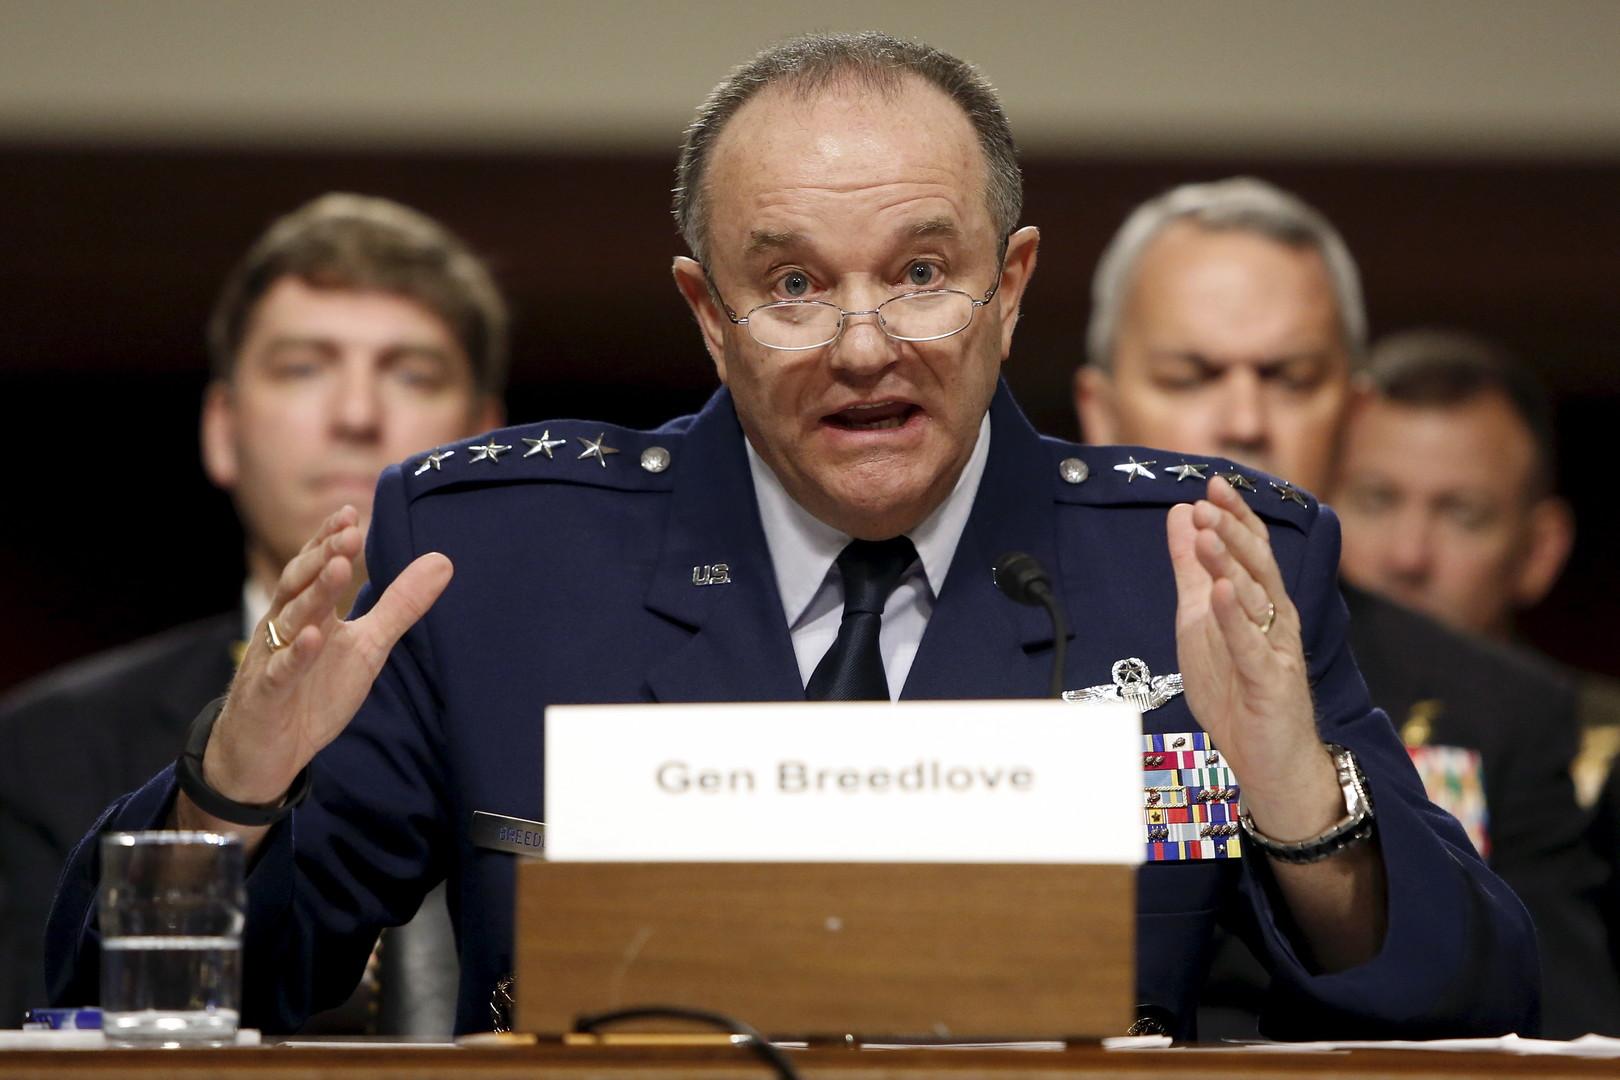 قائد قوات الناتو السابق: لا يوجد جنرال في الحلف يرغب بالقتال ضد روسيا